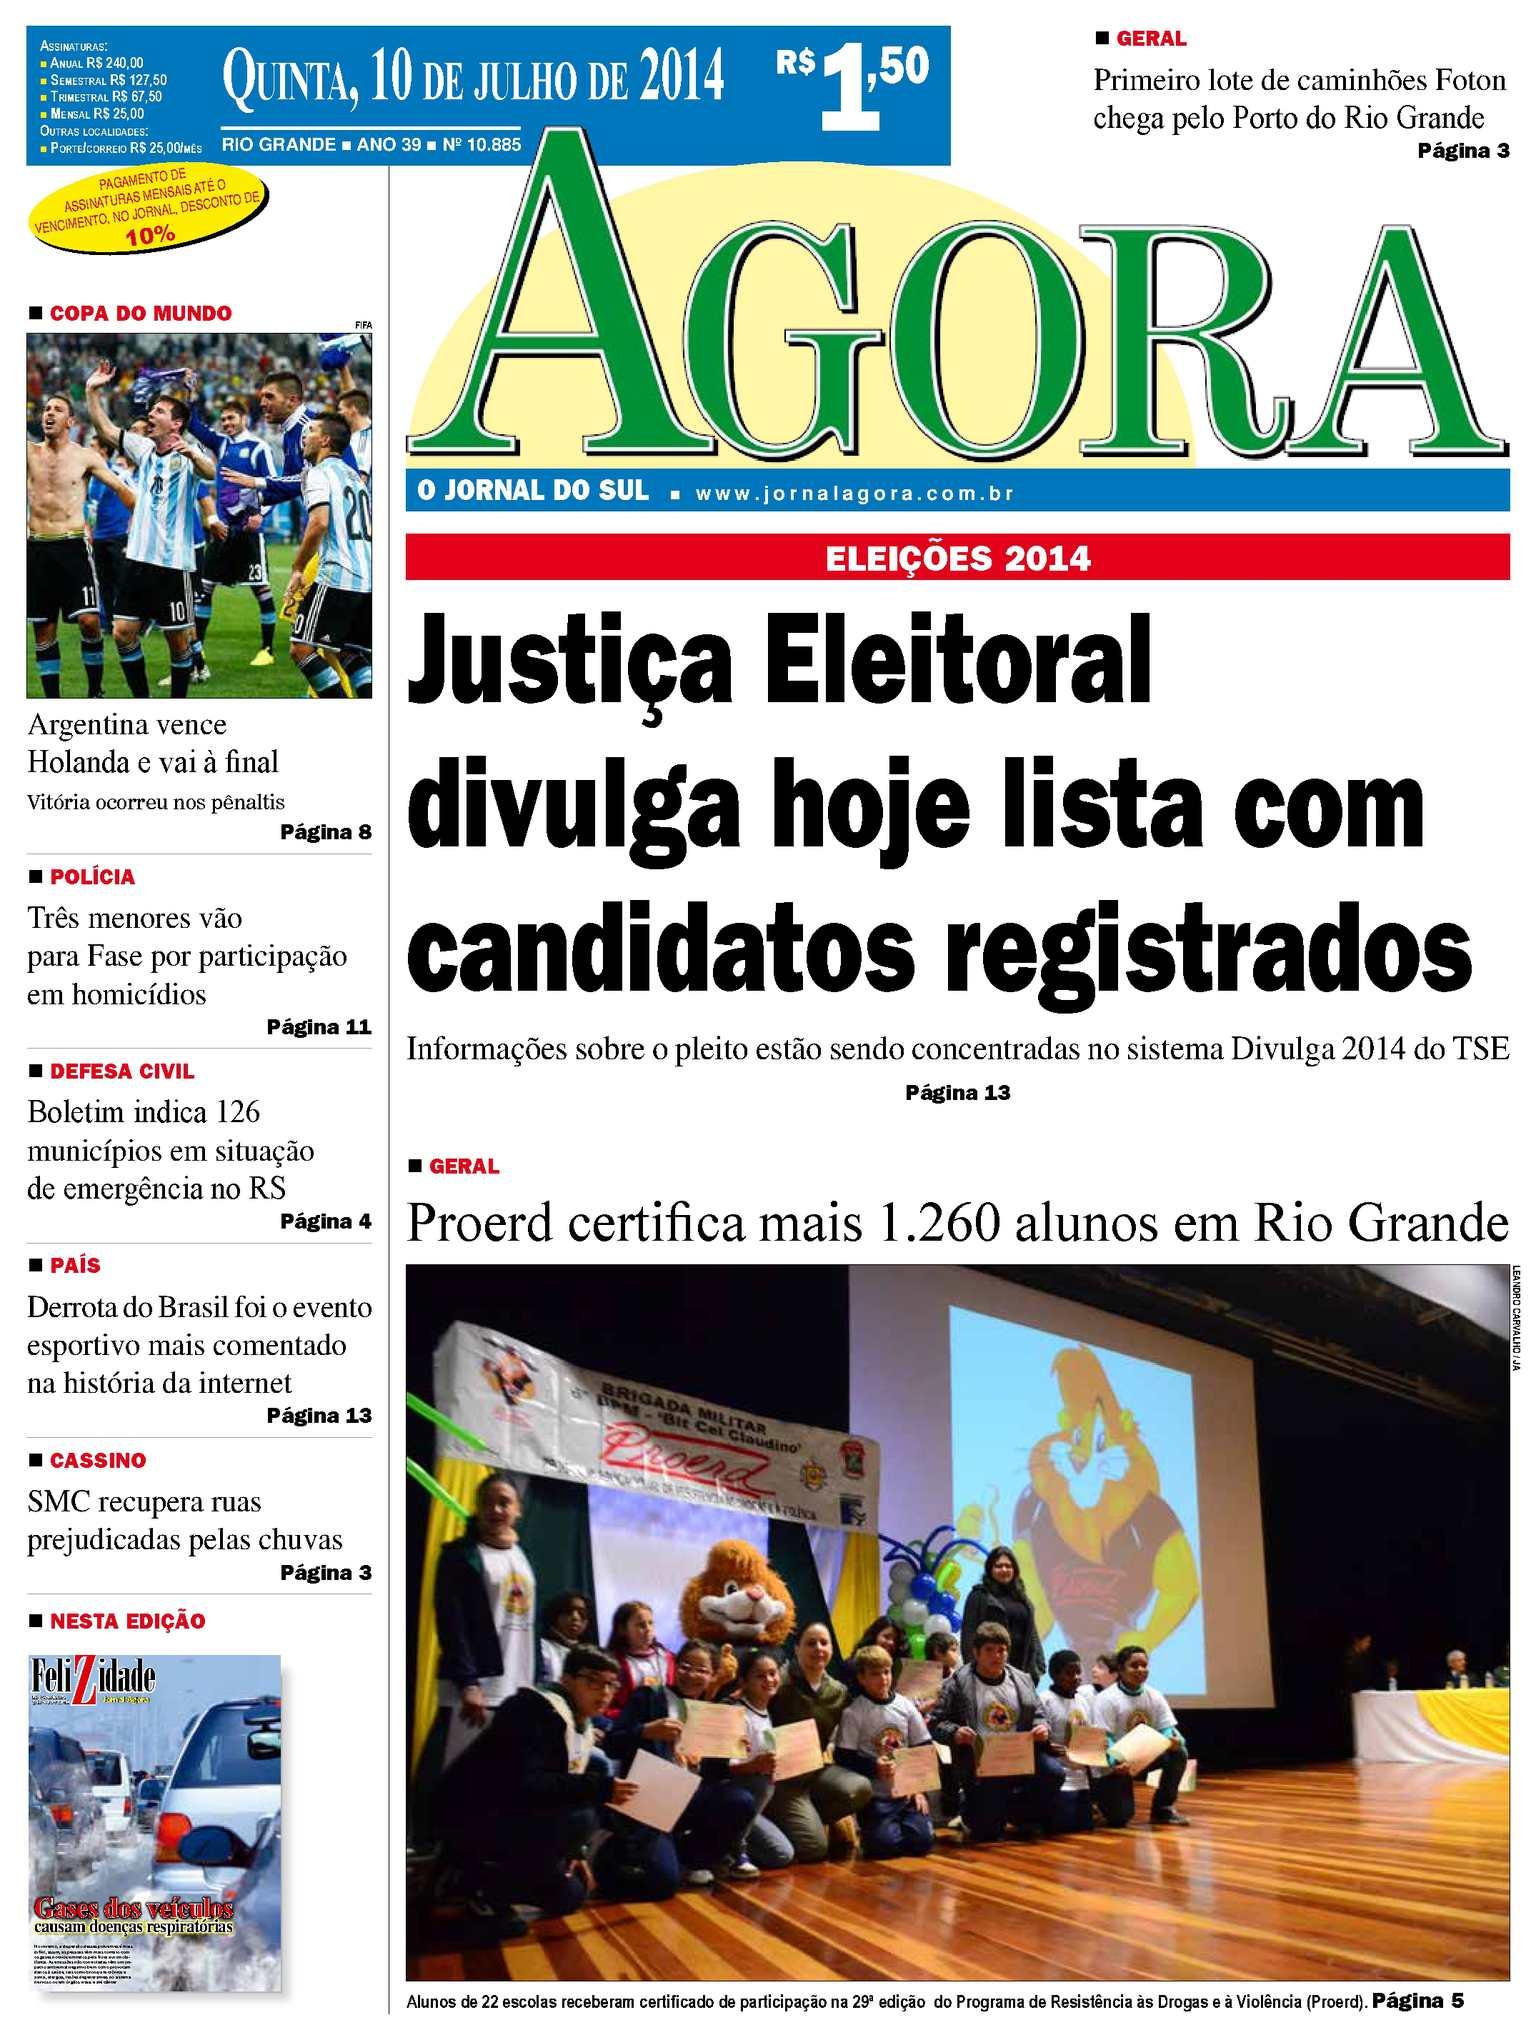 da2628946ac Calaméo - Jornal Agora - Edição 10886 - 10 de julho de 2014